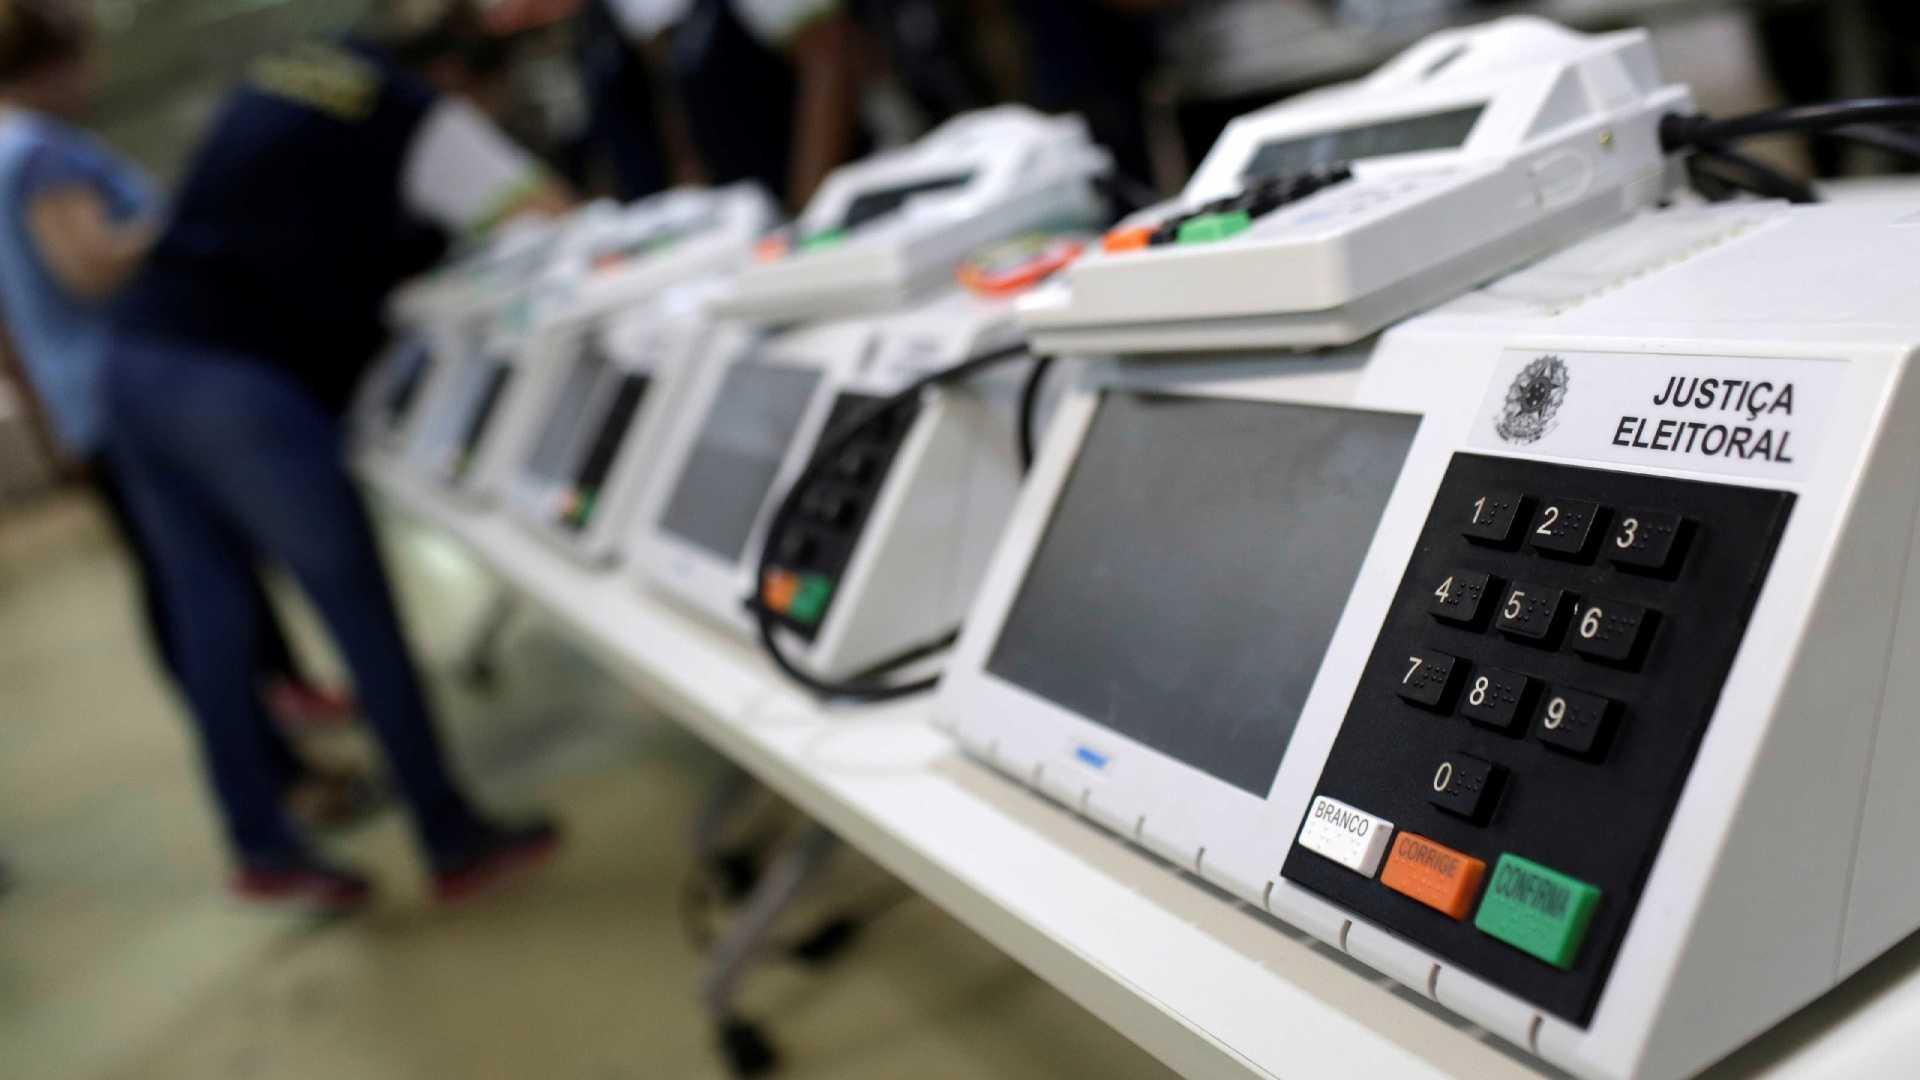 Eleições 2018: saiba que horas começam a sair os resultados